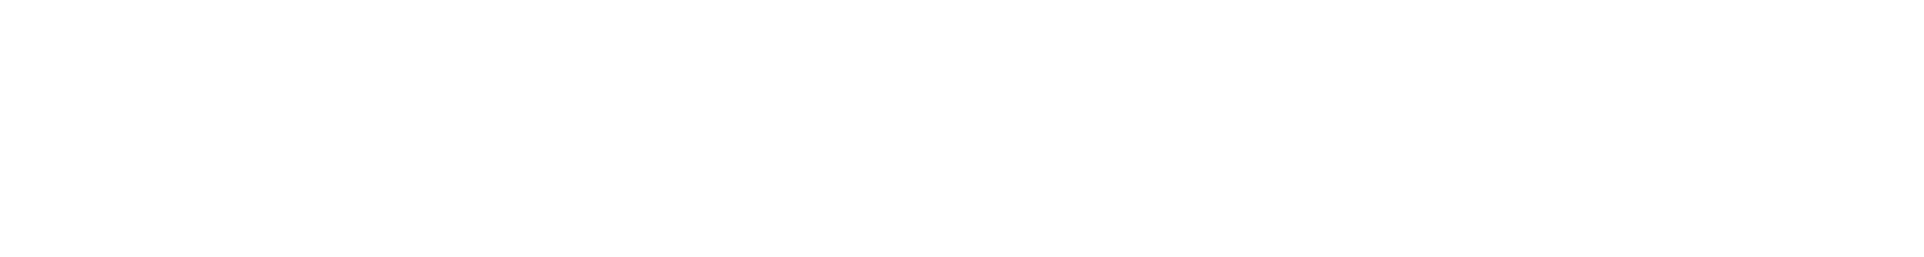 FilaSieteProducciones